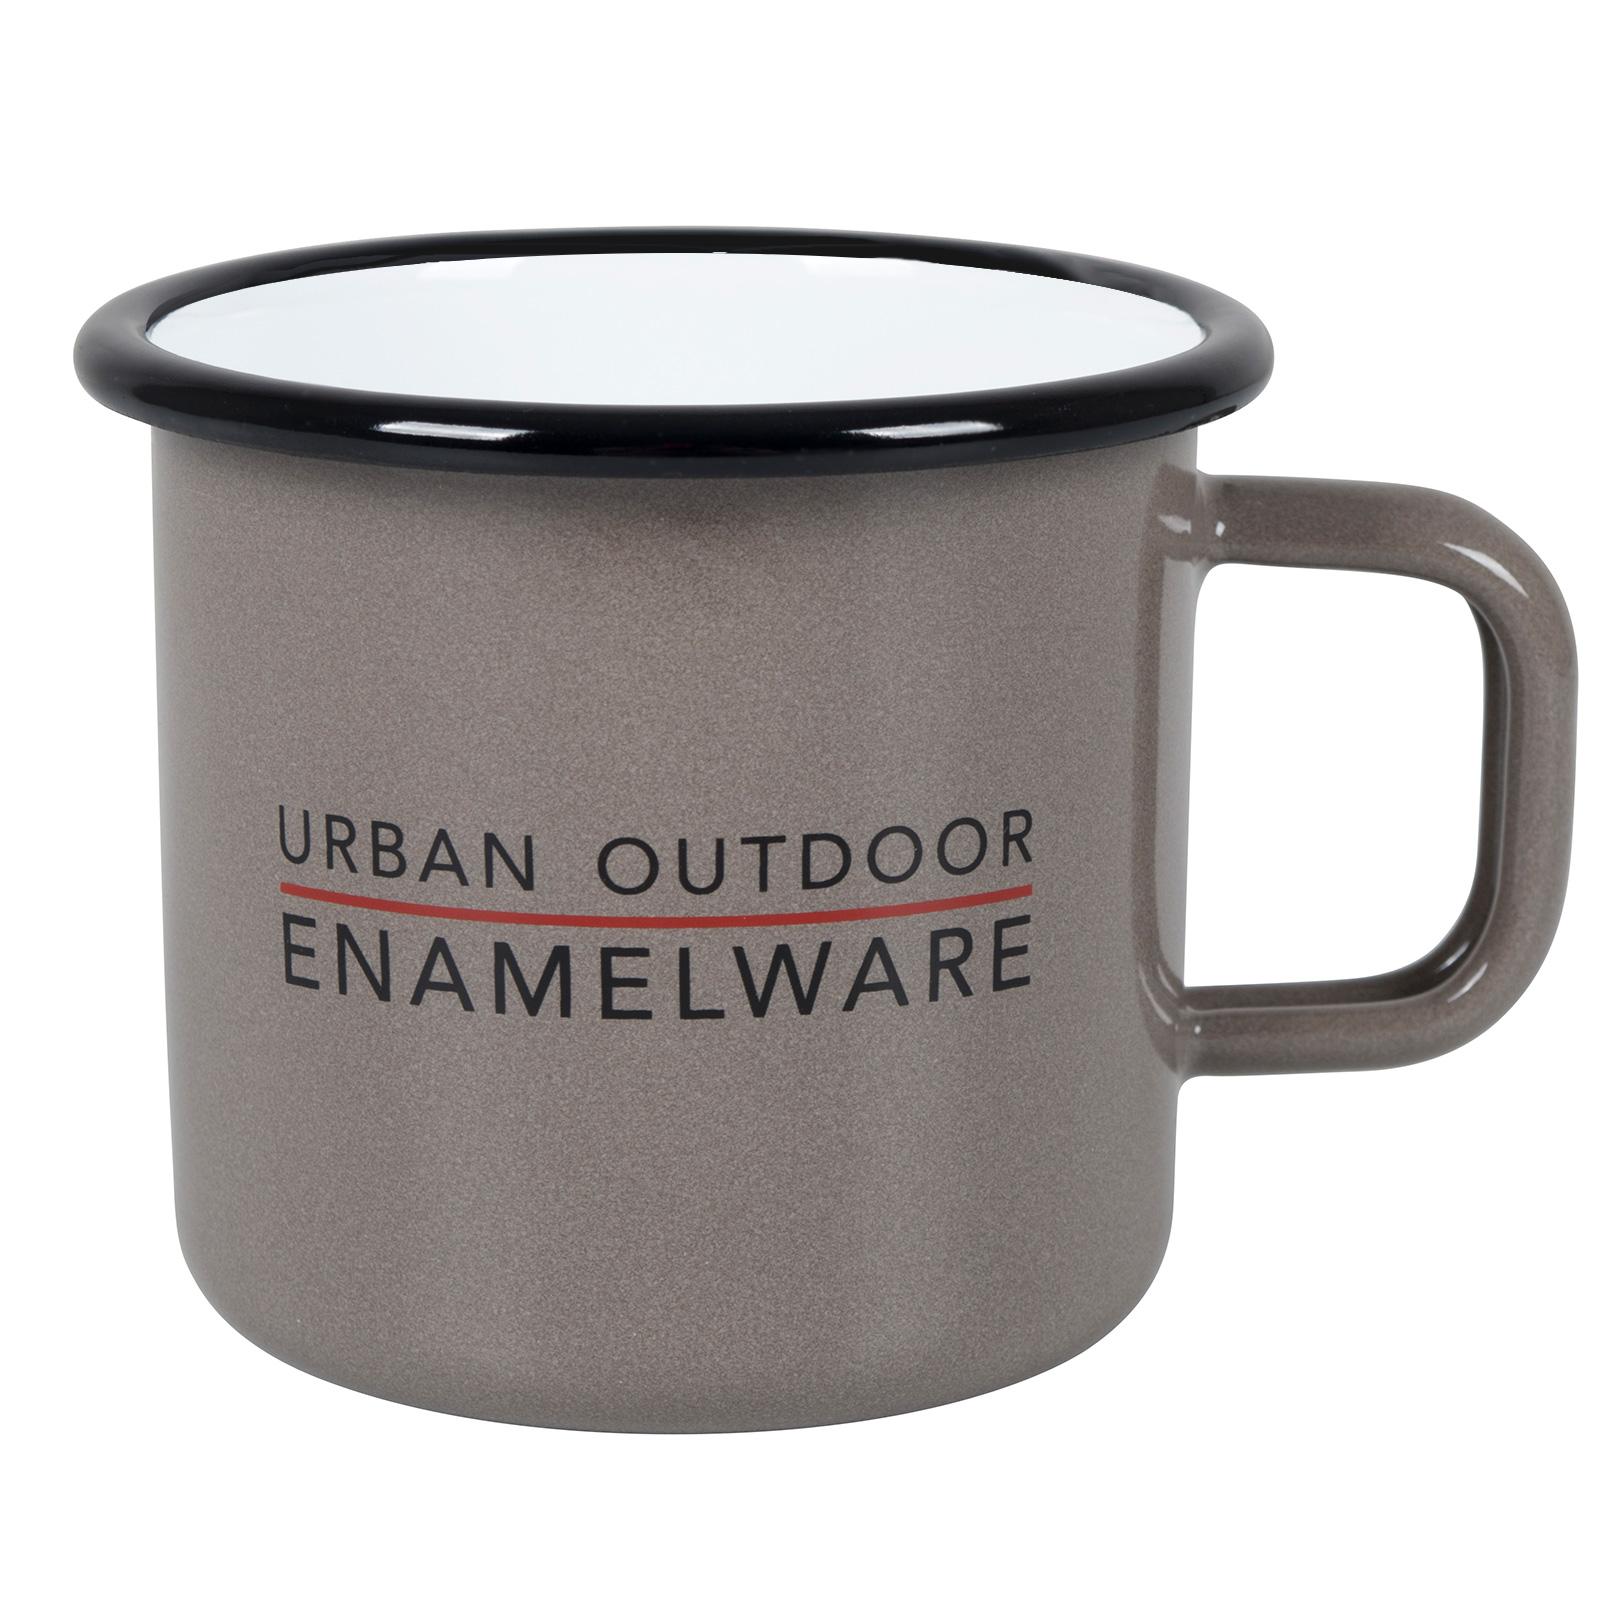 bo camp emaille camping teller nostalgie outdoor geschirr. Black Bedroom Furniture Sets. Home Design Ideas